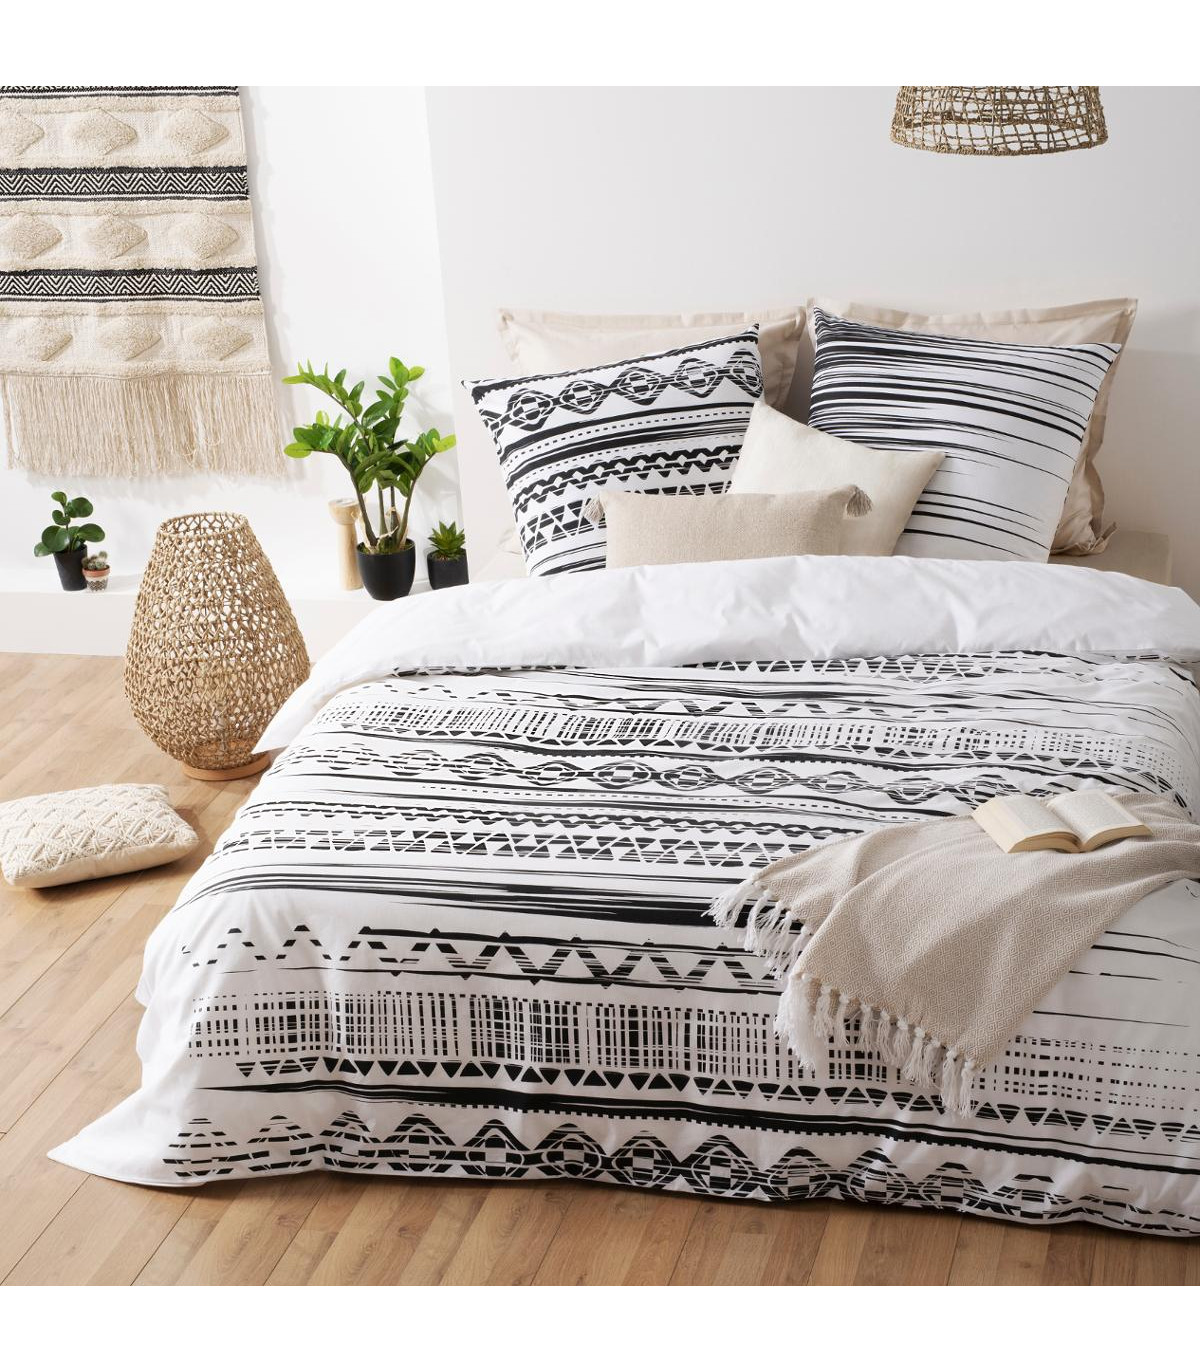 parure-de-lit-2-personnes-260-x-240-cm-housse-de-couette-avec-2-taies-imprime-ethnik-noir-blanc